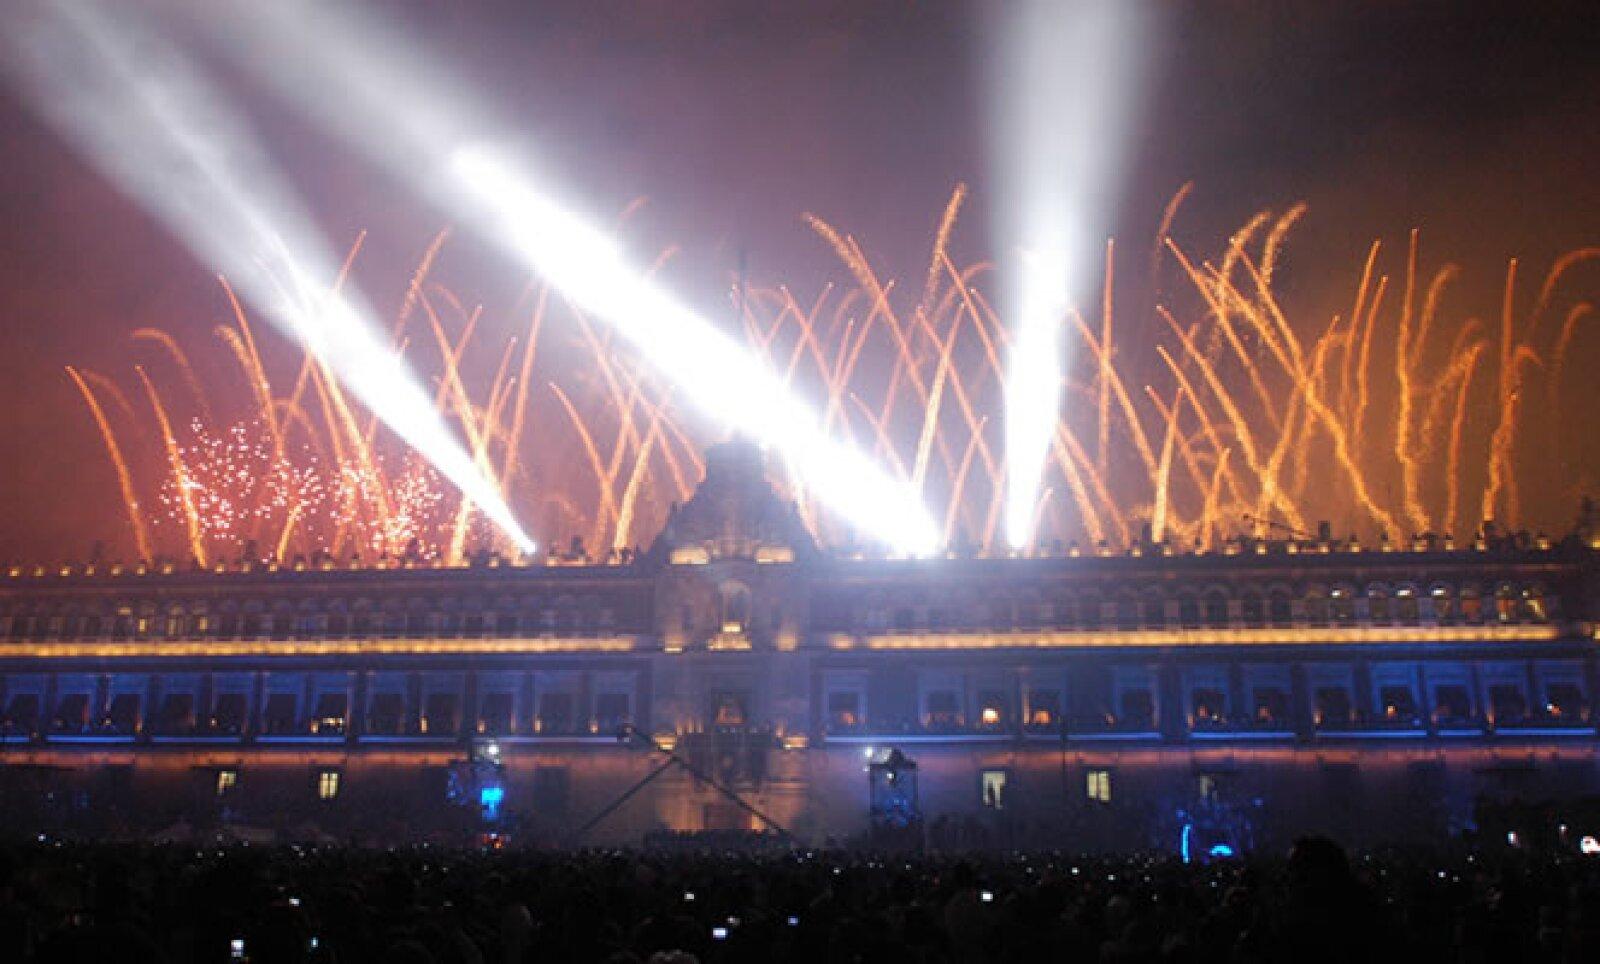 Los fuegos pirotécnicos hicieron su aparición al finalizar la noche, para conquistar las miles de pupilas que los observaban para surcar el cielo.